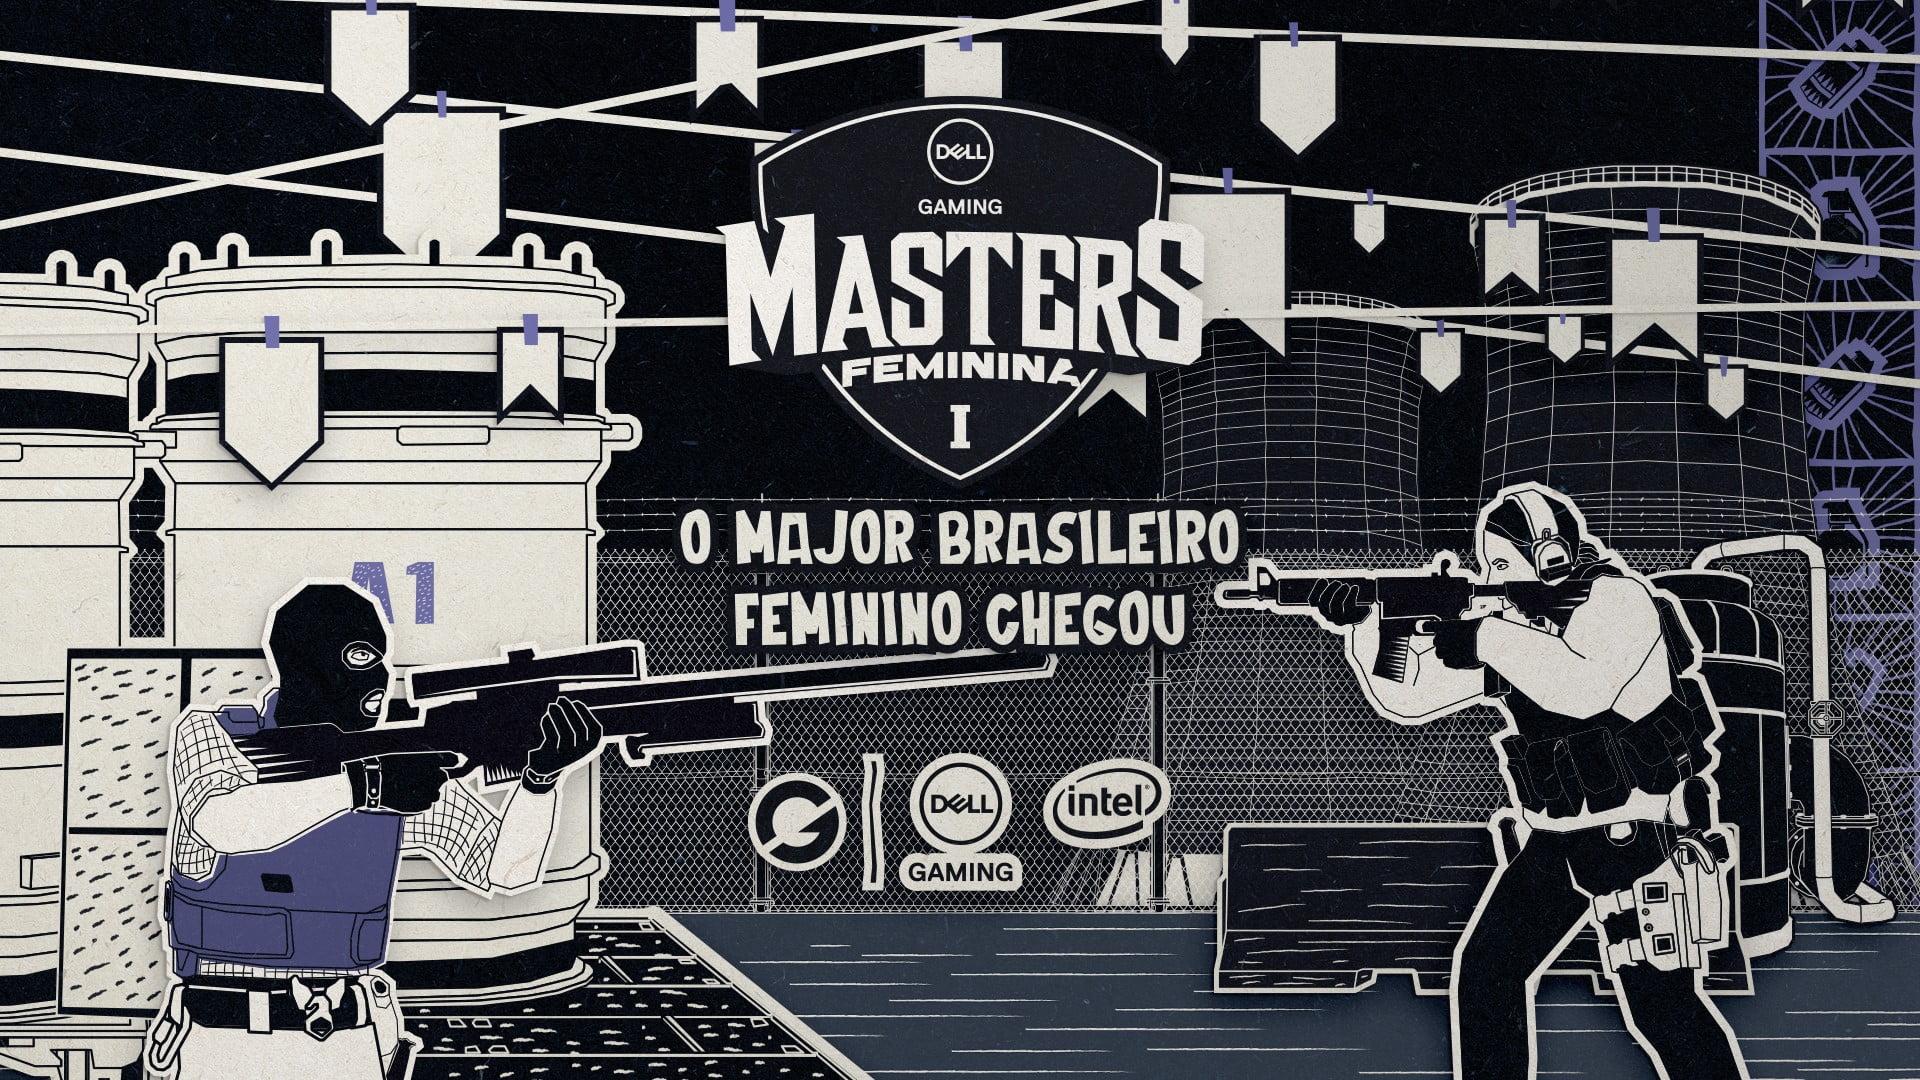 GC Masters Feminina I